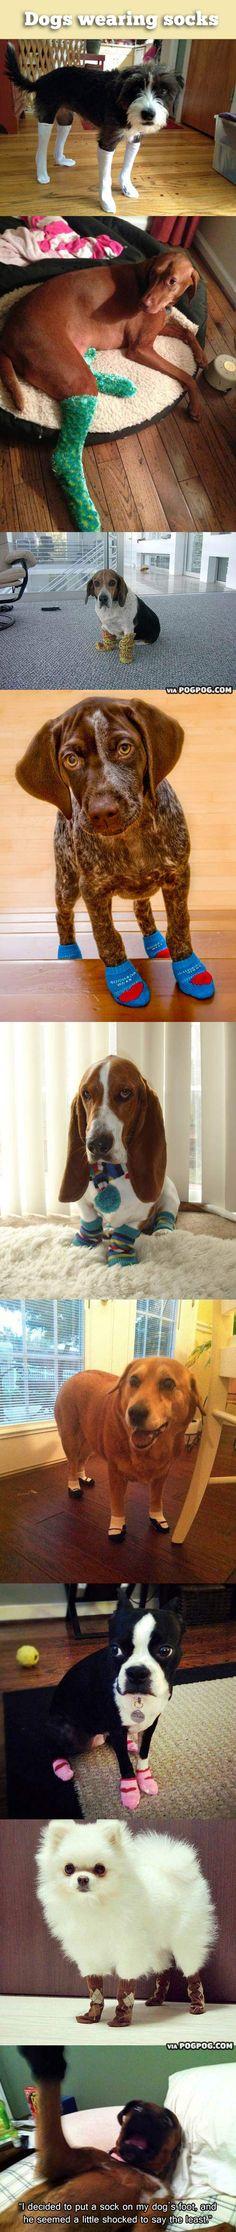 Dogs wearing socks